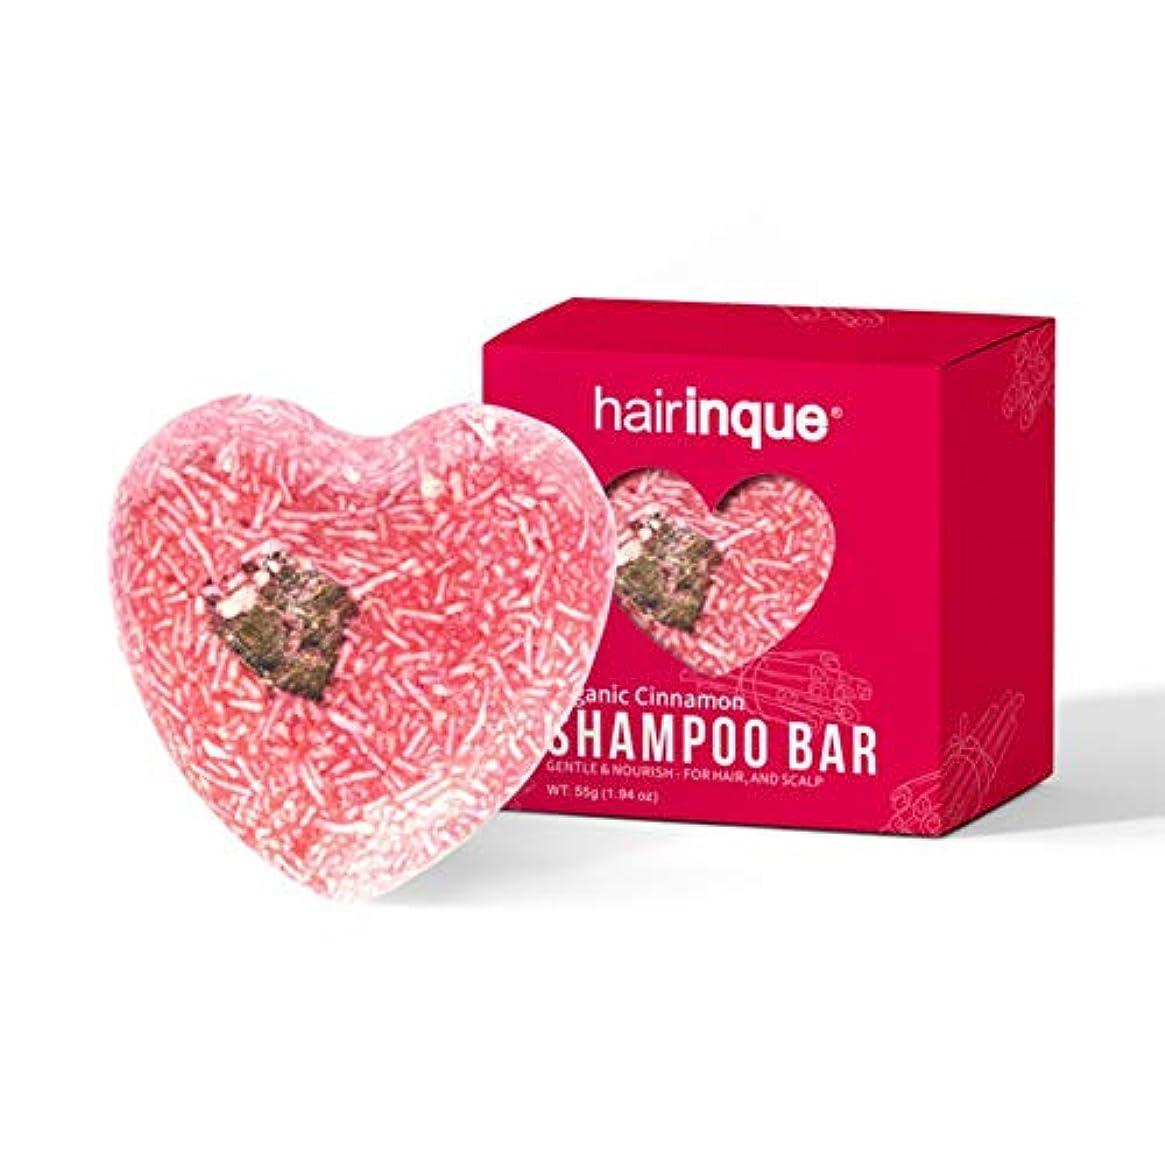 百年いとこトリップシャンプー シャンプー石鹸 栄養 脱毛 シャンプーソープ 天然成分 化学薬品防腐剤なし シャンプーソープ ヘアケア Cutelove